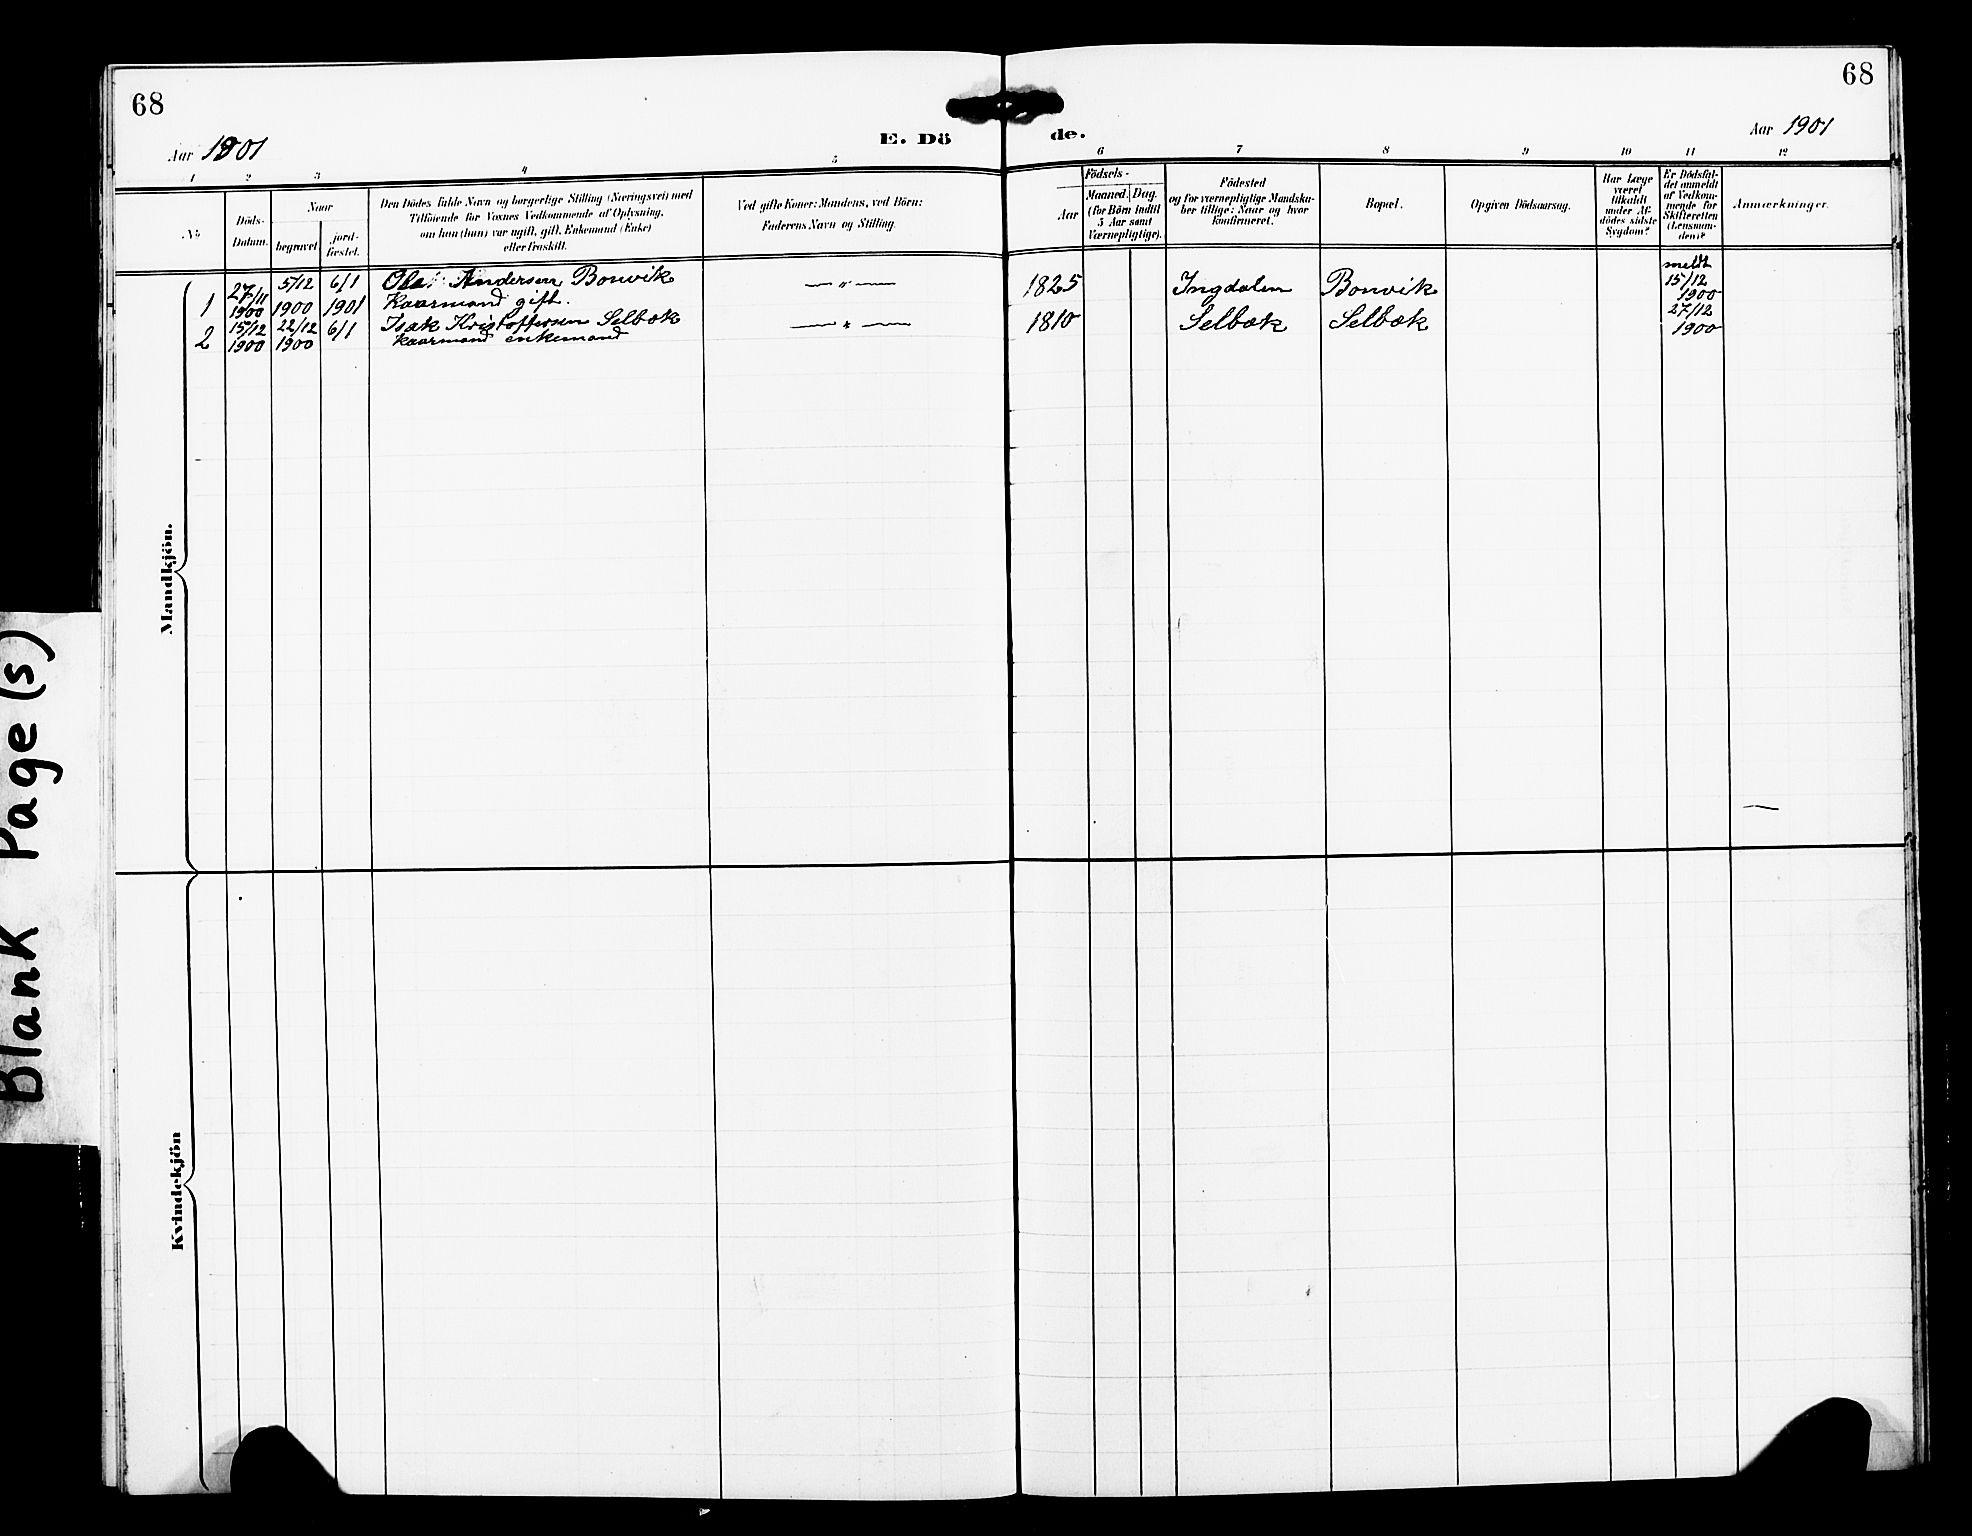 SAT, Ministerialprotokoller, klokkerbøker og fødselsregistre - Sør-Trøndelag, 663/L0763: Klokkerbok nr. 663C03, 1899-1908, s. 68